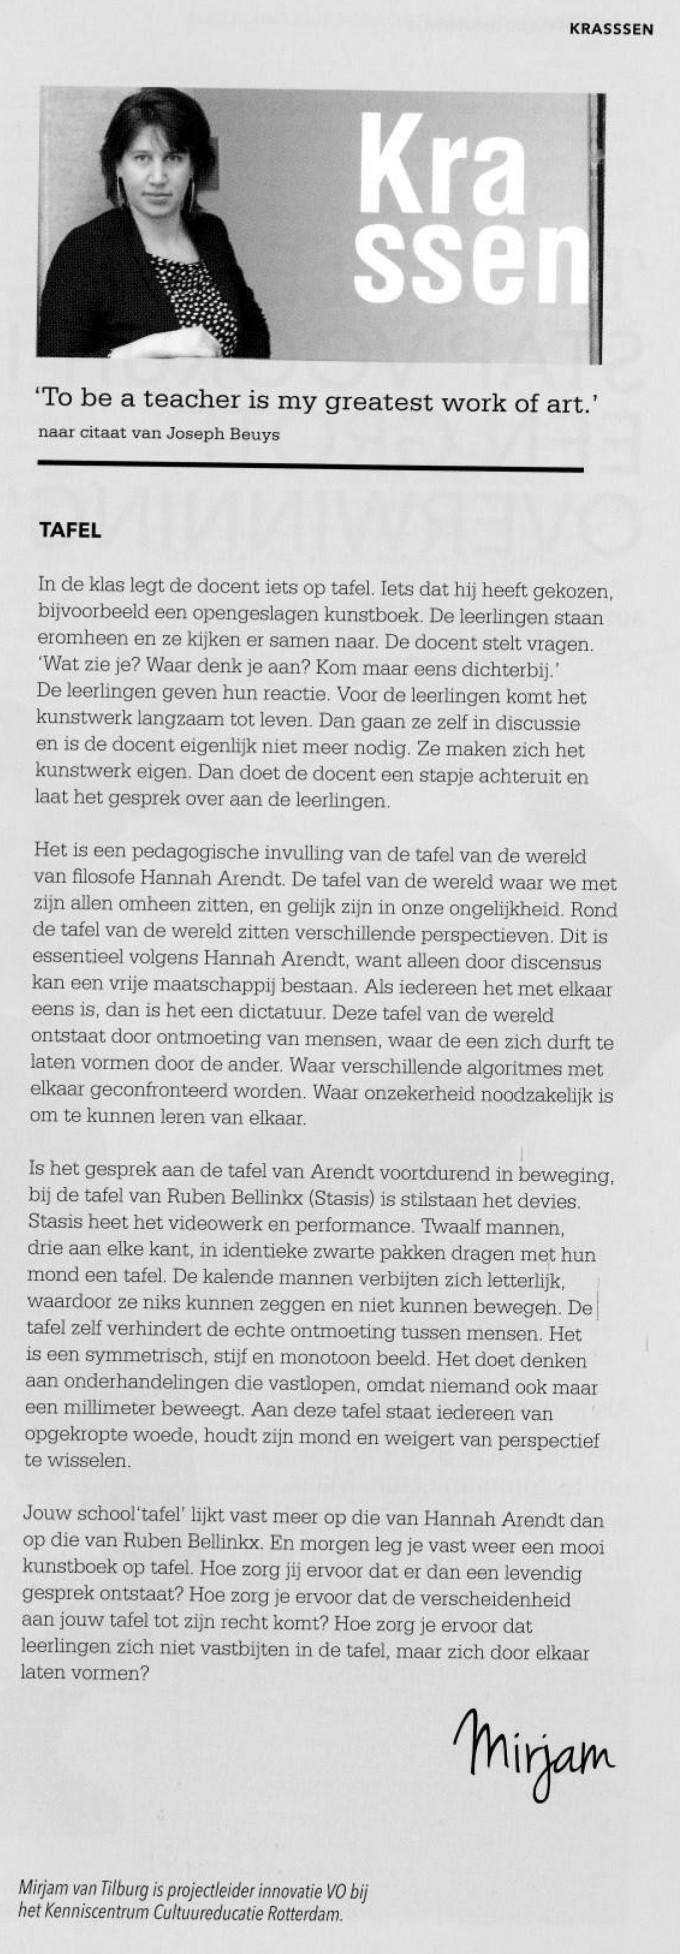 krassen-1-2017